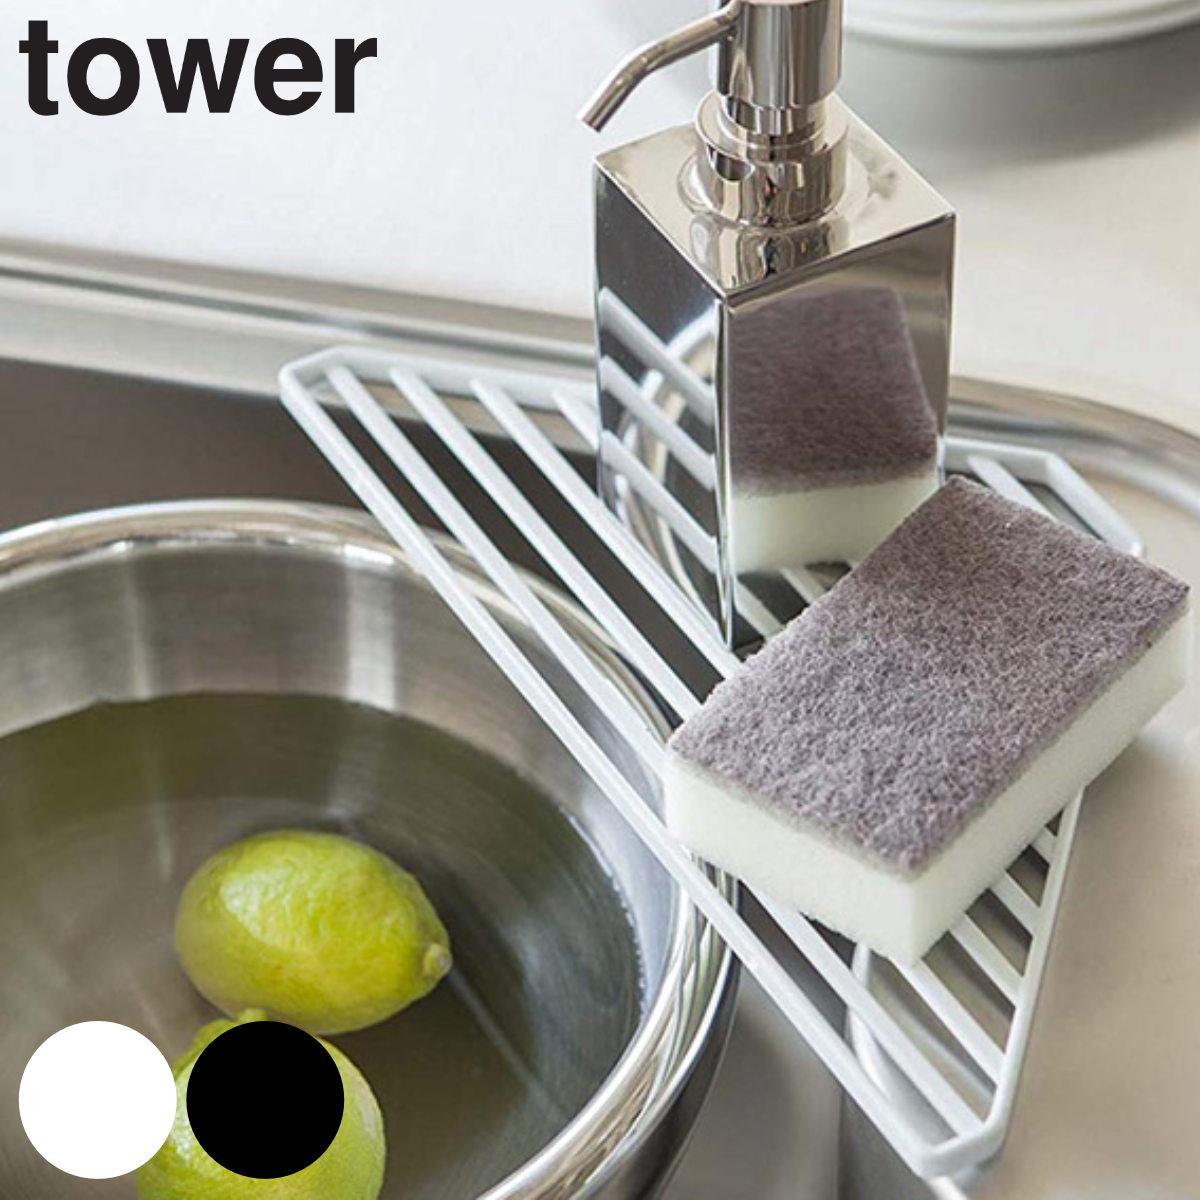 Ordinaire Corner Rack Sink Corner Tower Tower Triangle Corner Rack (kitchen Storage  Kitchen Dish Drainer Rack Think Lack Kitchen Rack Steel Products)